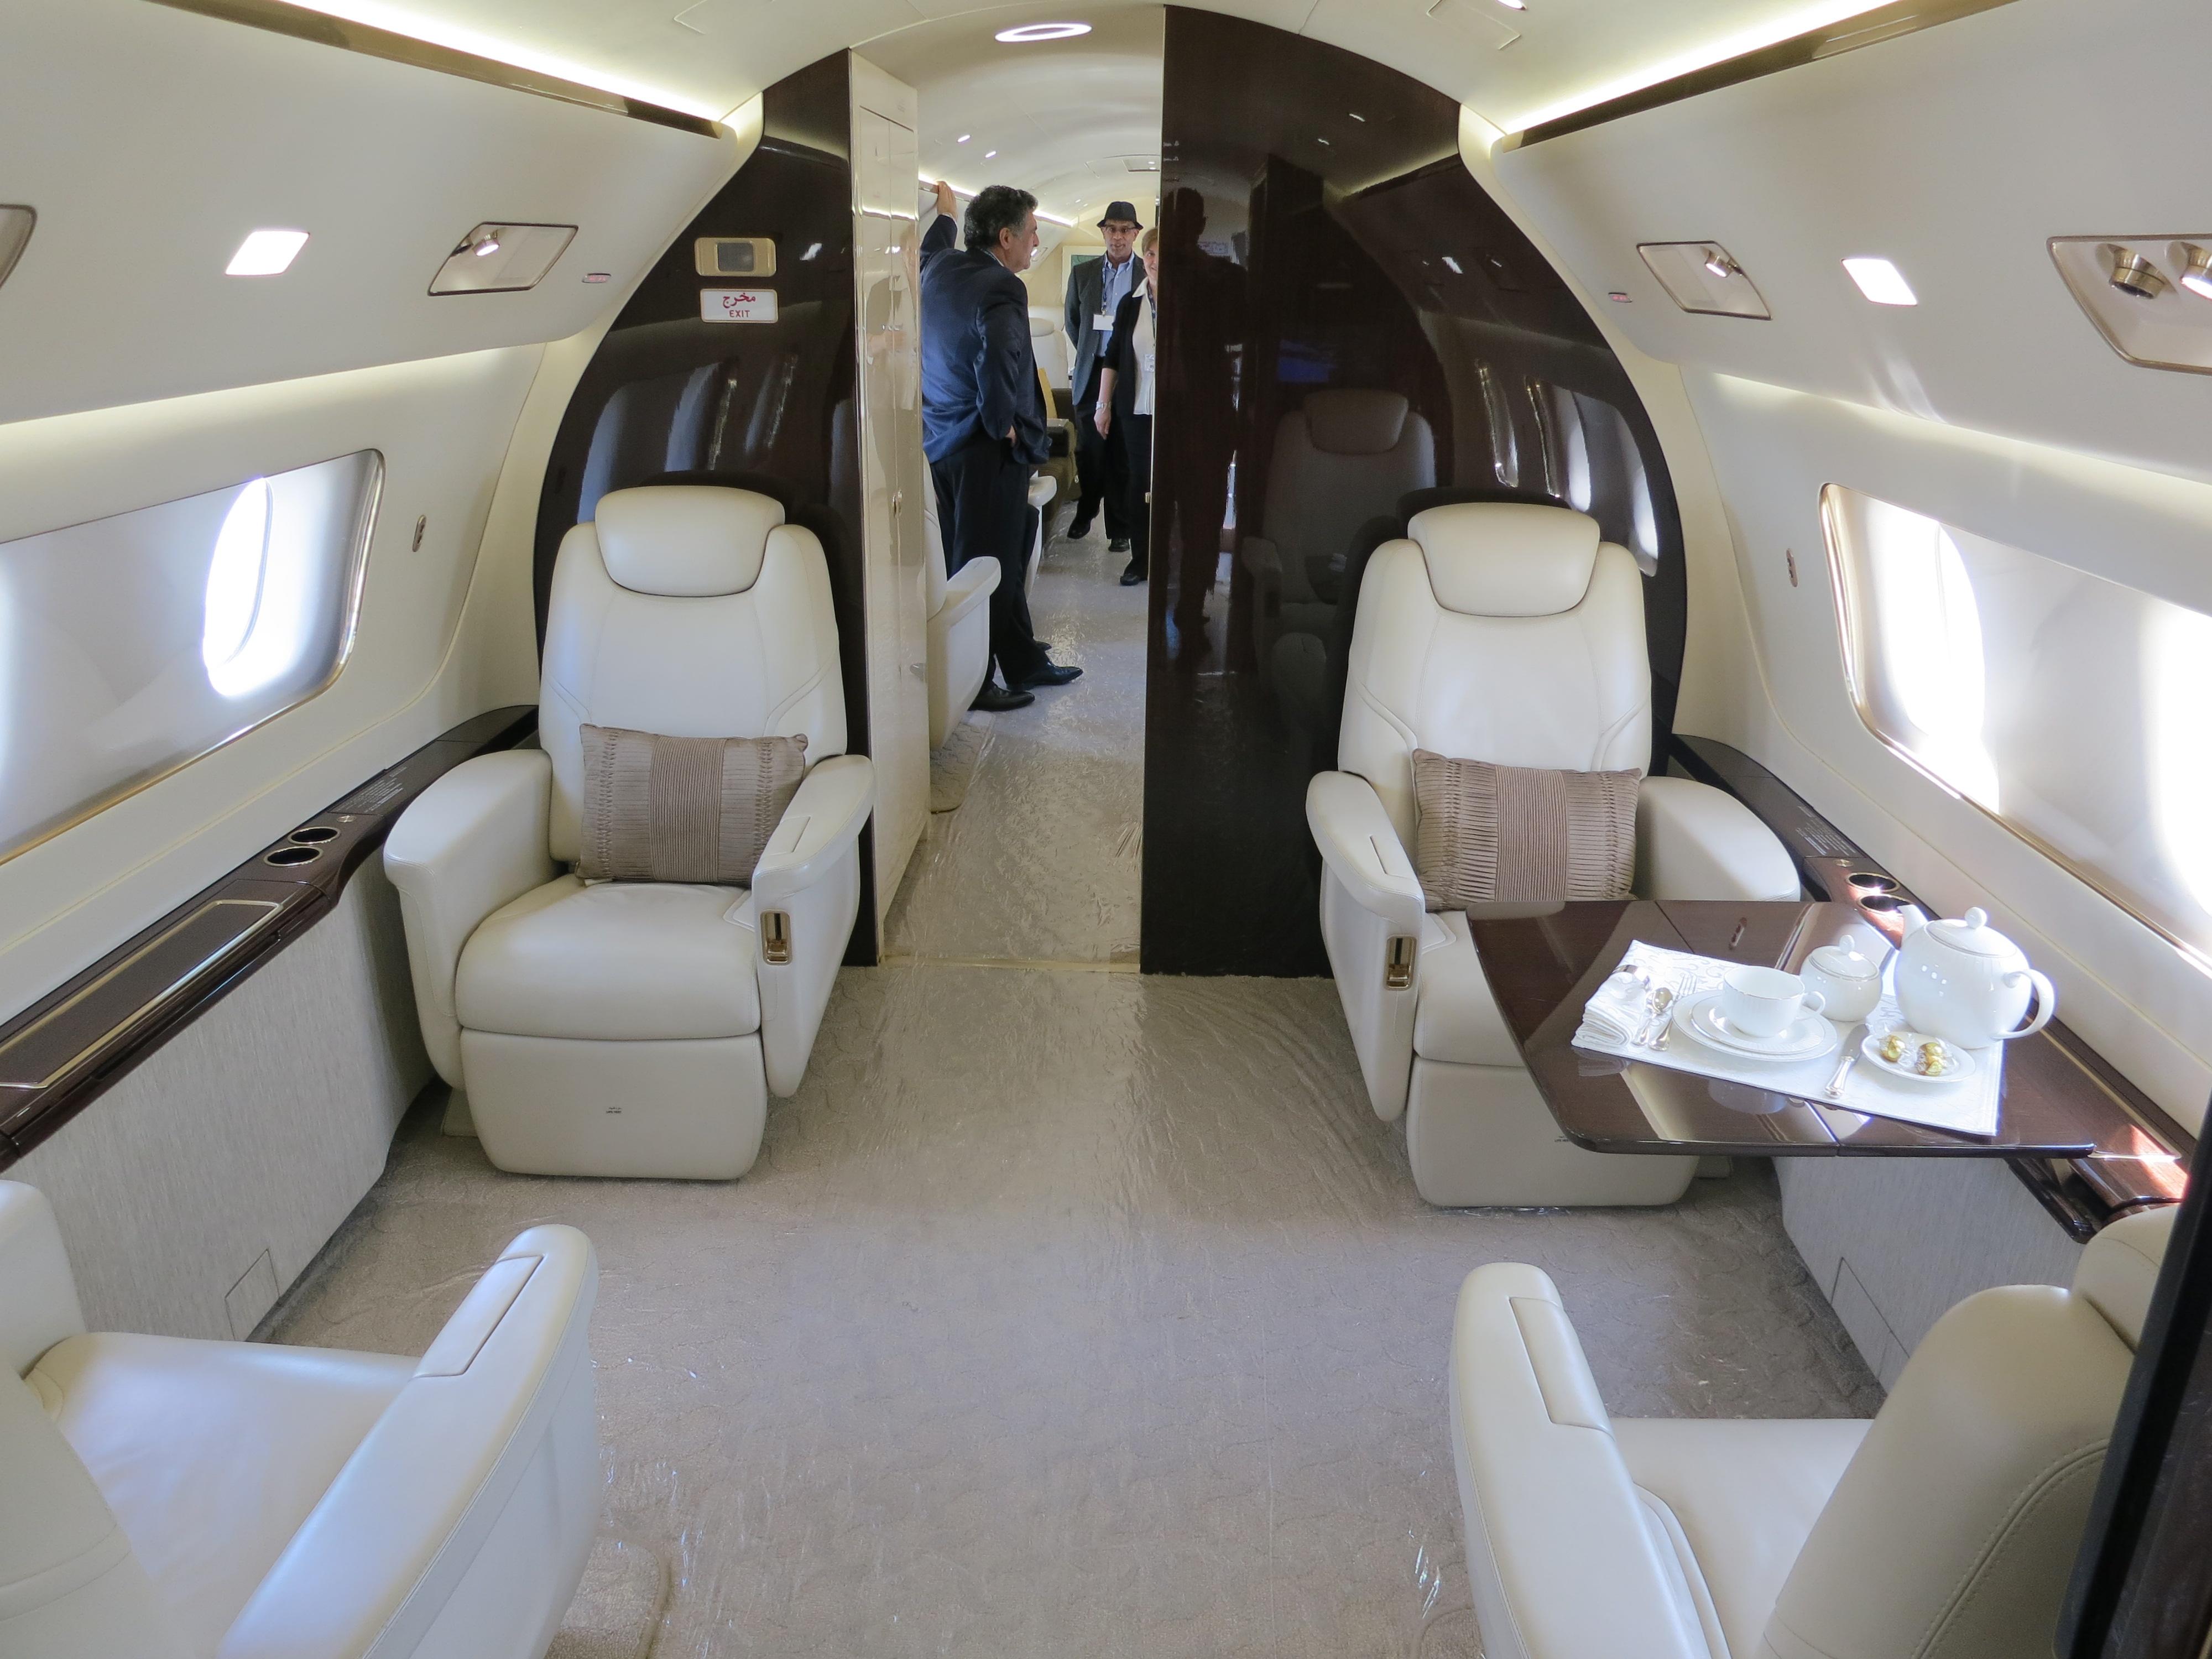 File embraer lineage 1000 interior forward cabin jpg wikimedia - File Embraer Lineage 1000 Interior Forward Cabin Jpg